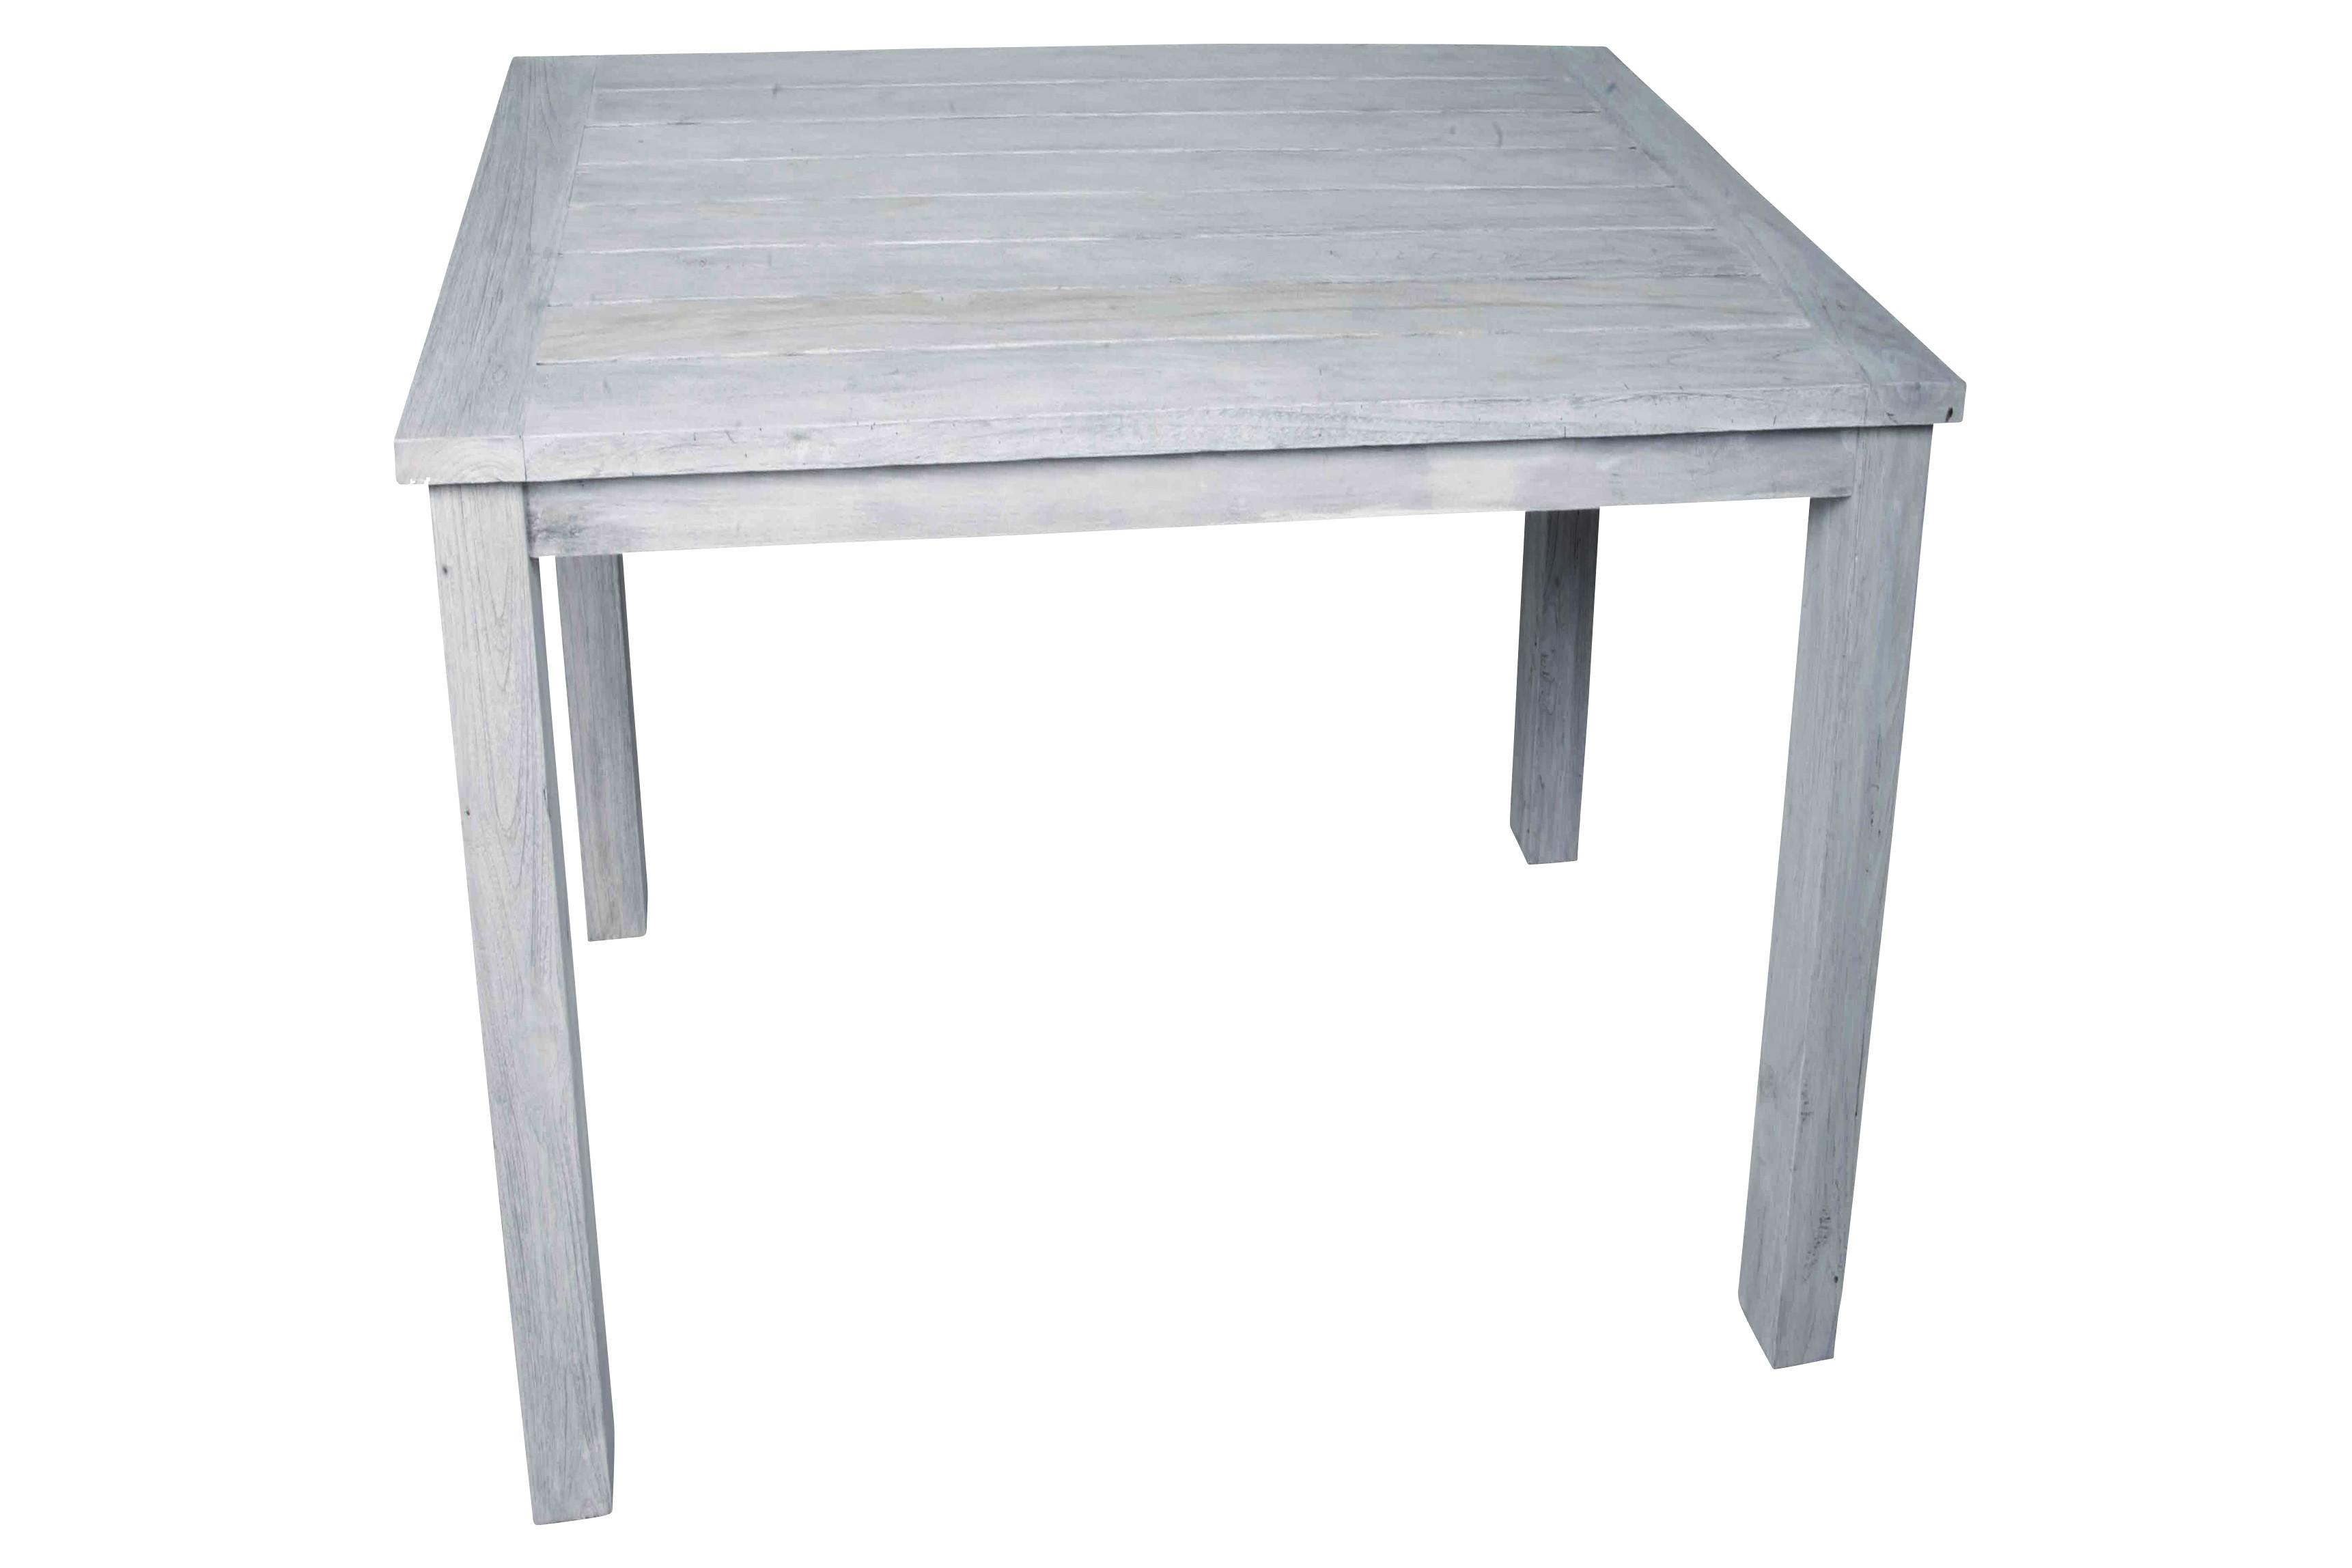 Gartentisch belmont weiss 90 cm for Gartentisch weiss